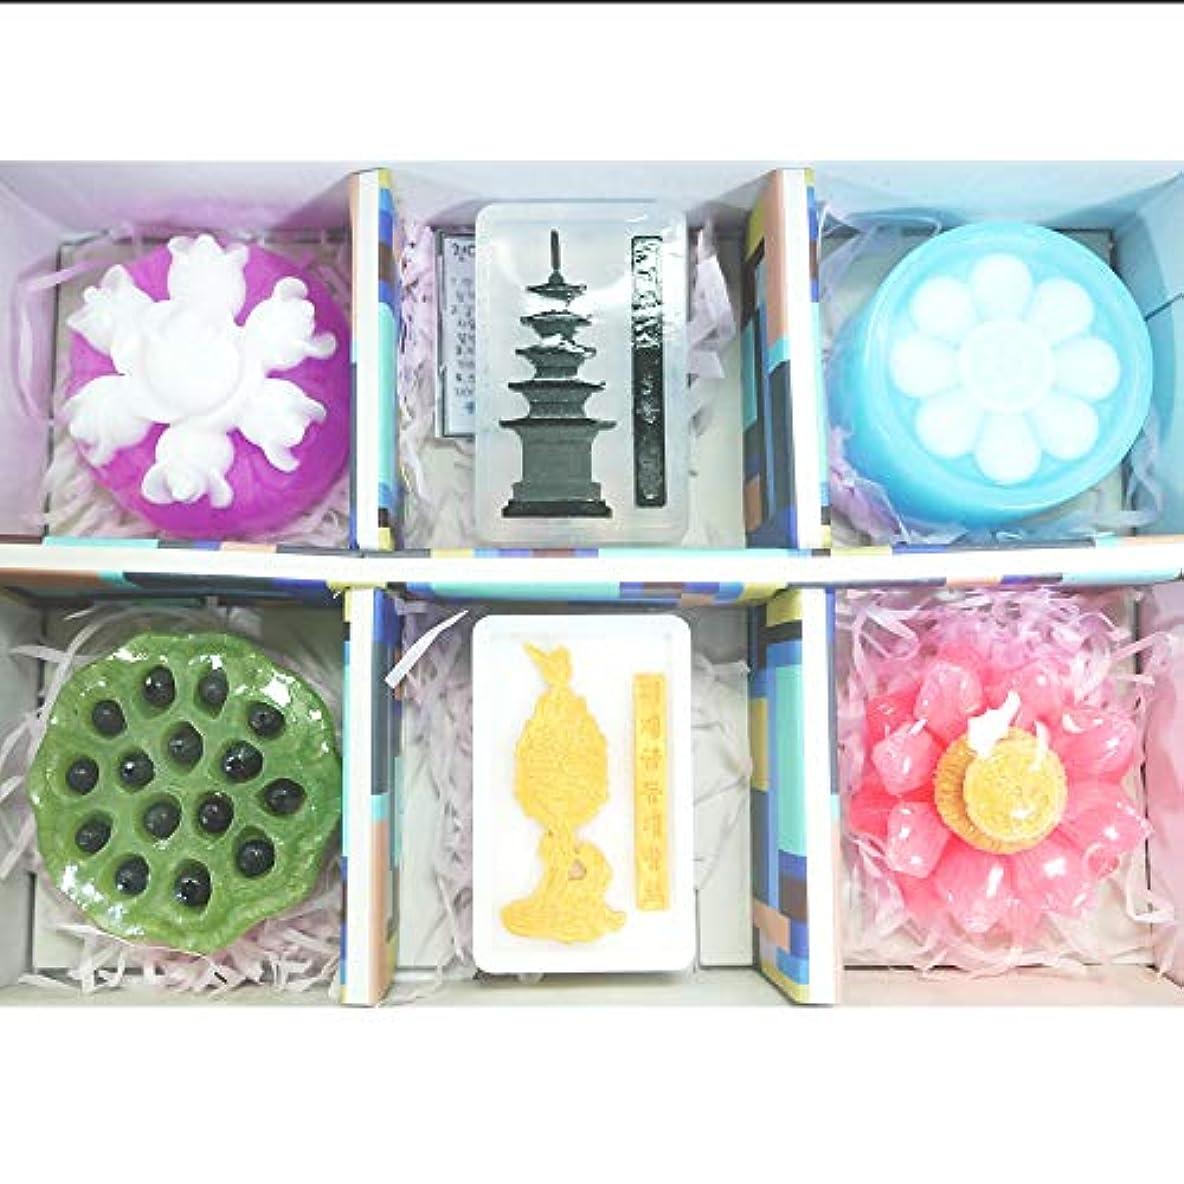 時々時々そよ風仲間[ソドン] 韓国 百済 手漉き石鹸 1 セット(3.5オンスx 6石鹸)